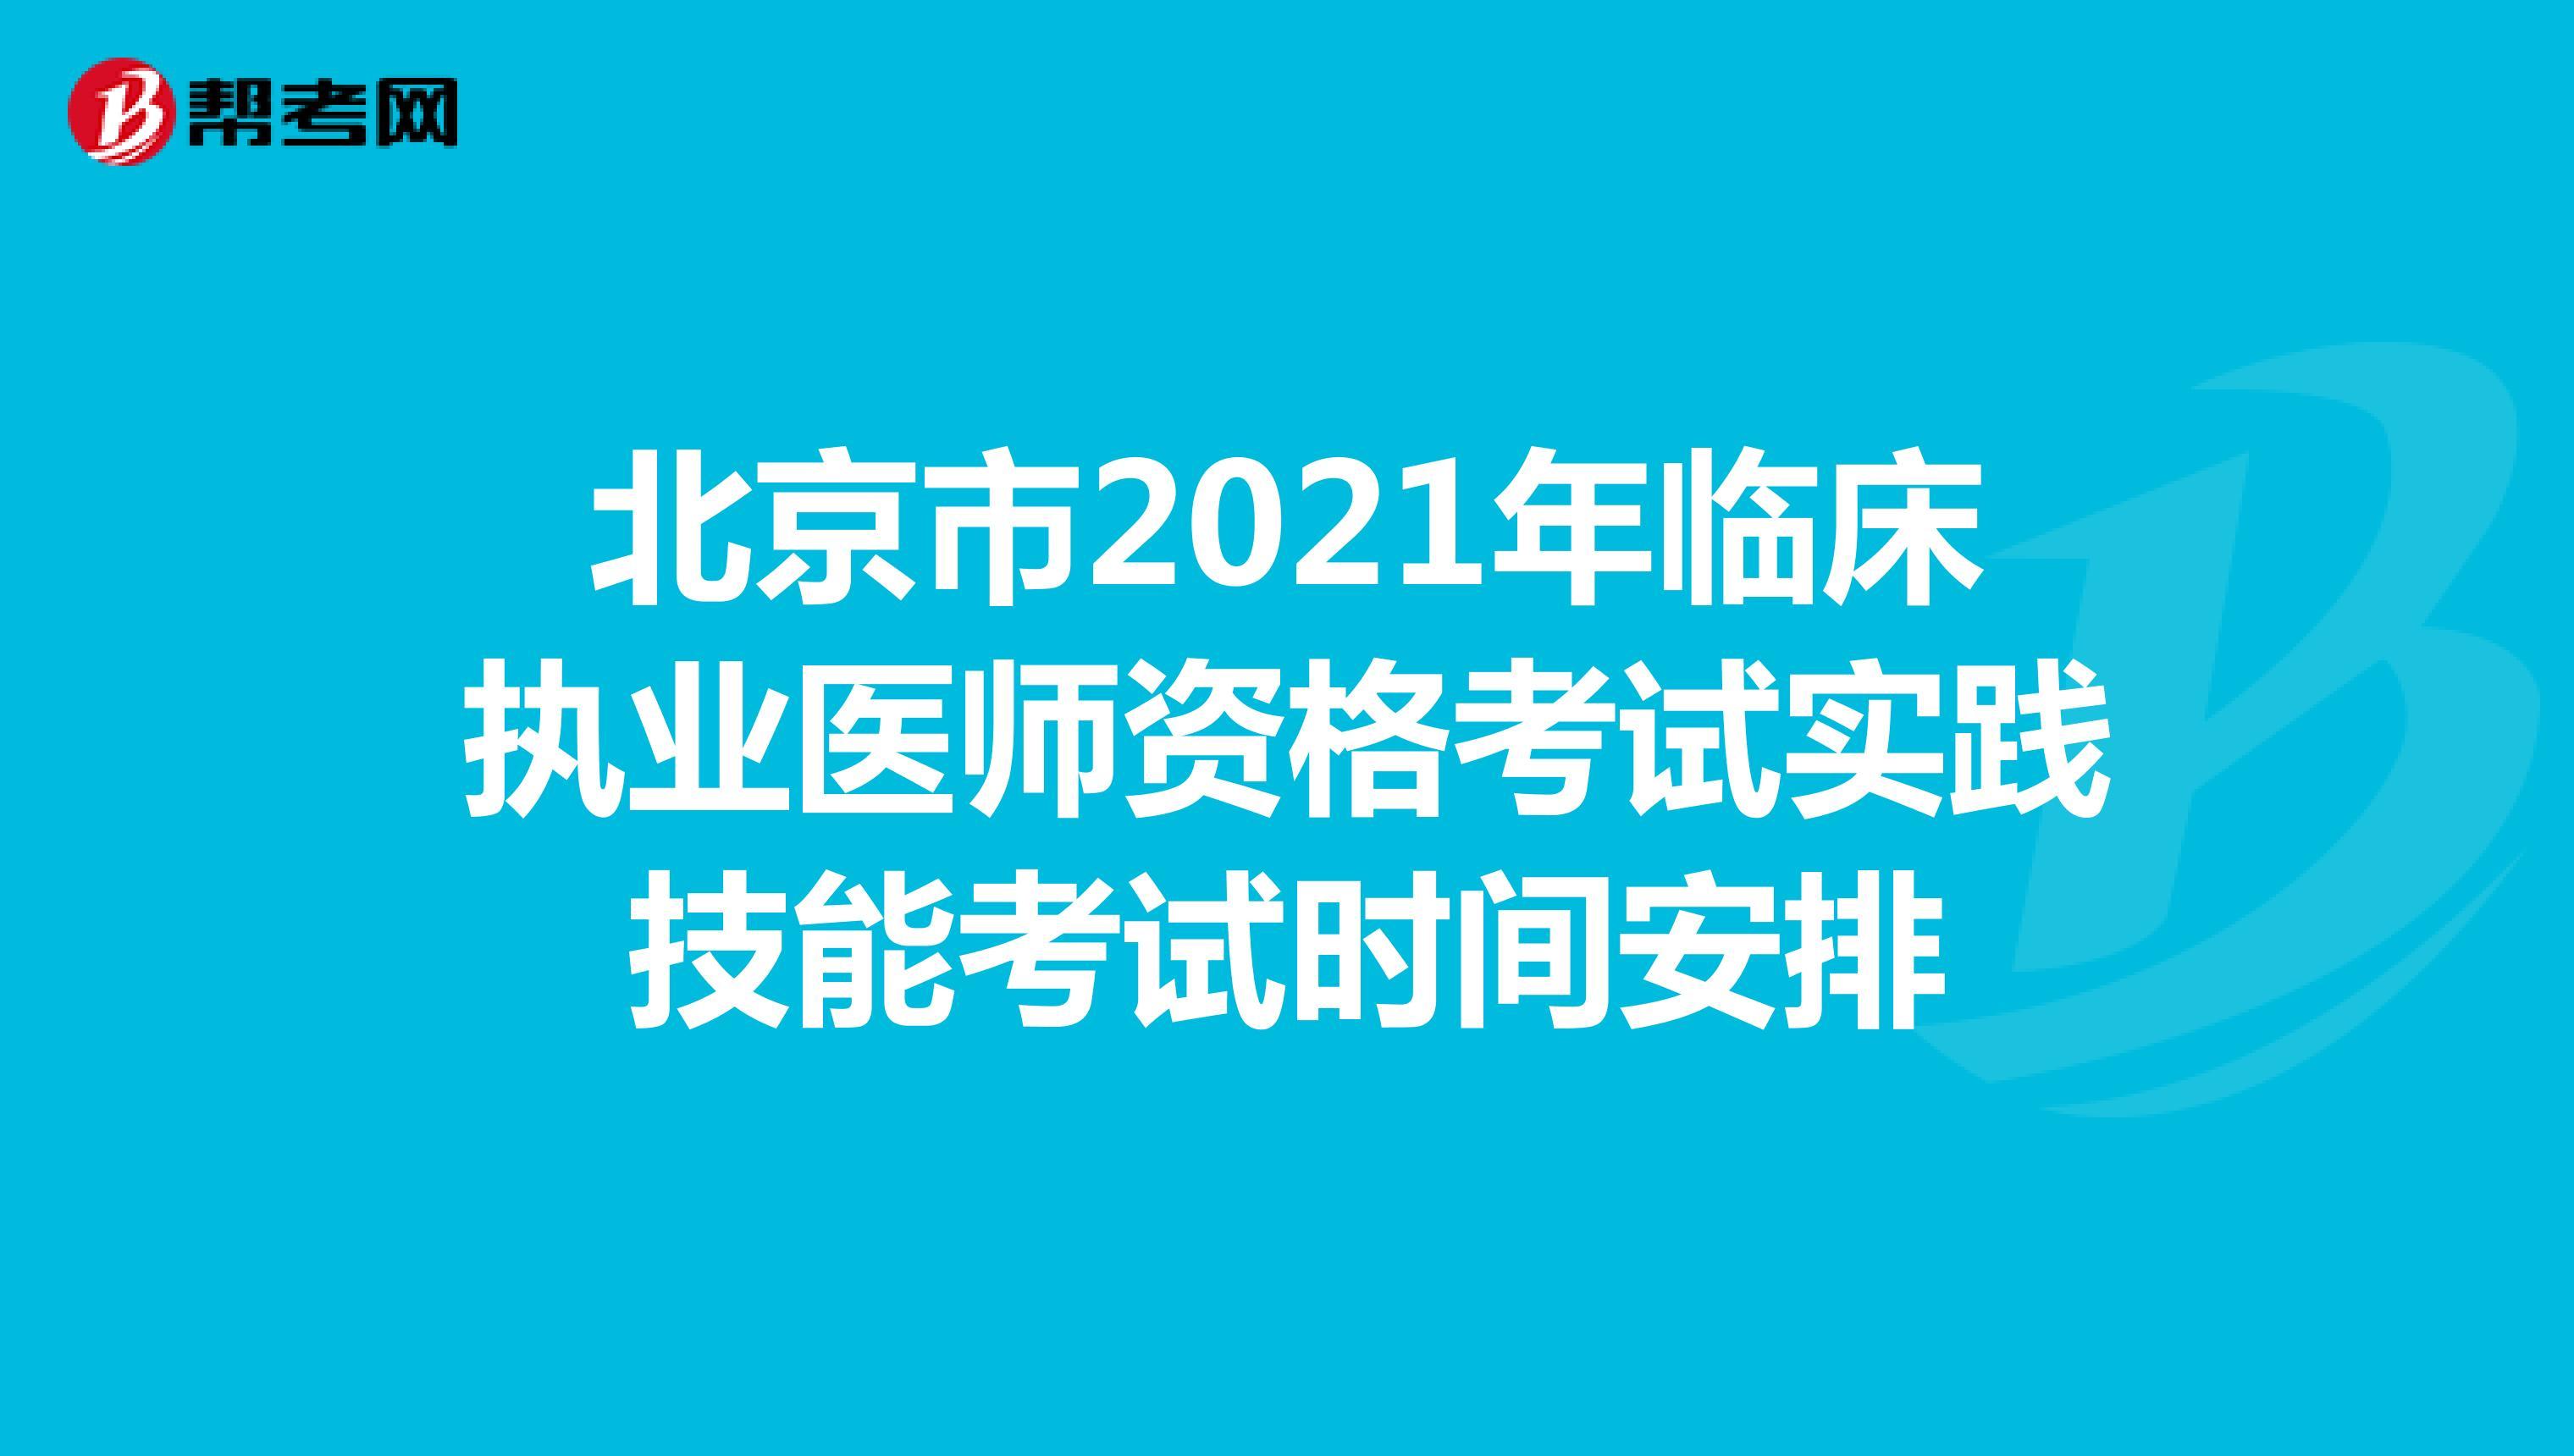 北京市2021年临床执业医师资格考试实践技能考试时间安排